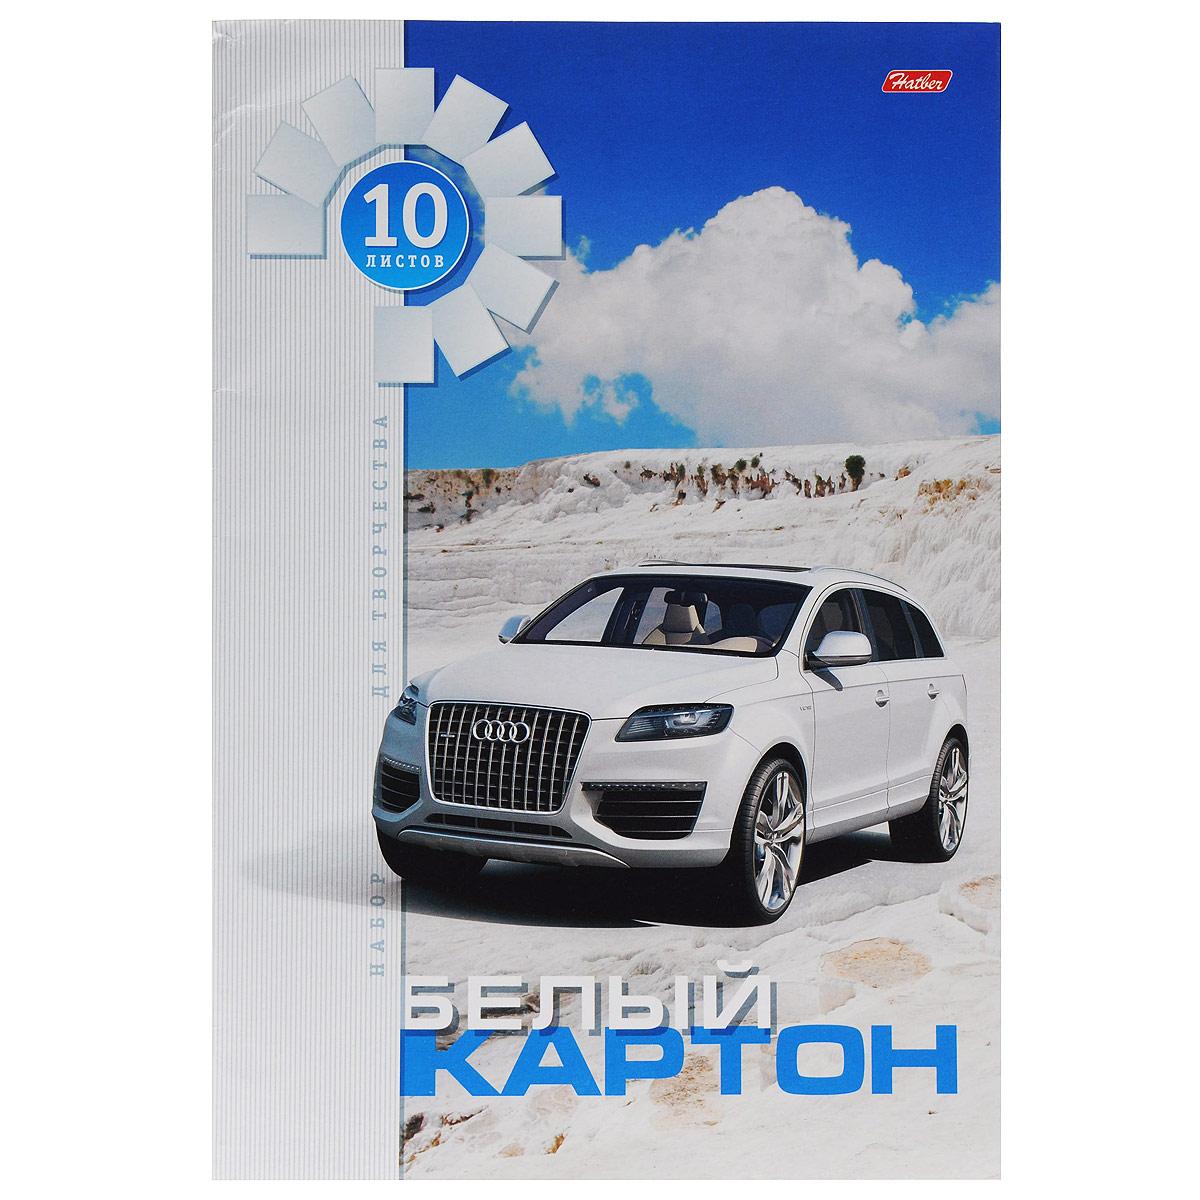 Картон Hatber Белая машина, цвет: белый, 10 листов72523WDКартон Hatber Белая машина позволит вашему ребенку создавать всевозможные аппликации и поделки. Набор состоит из десяти листов картона белого цвета с полуглянцевым покрытием. Картон упакован в оригинальную картонную папку, оформленную рисунком с изображением автомобиля. Создание поделок из картона поможет ребенку в развитии творческих способностей, кроме того, это увлекательный досуг. Рекомендуемый возраст от 6 лет.